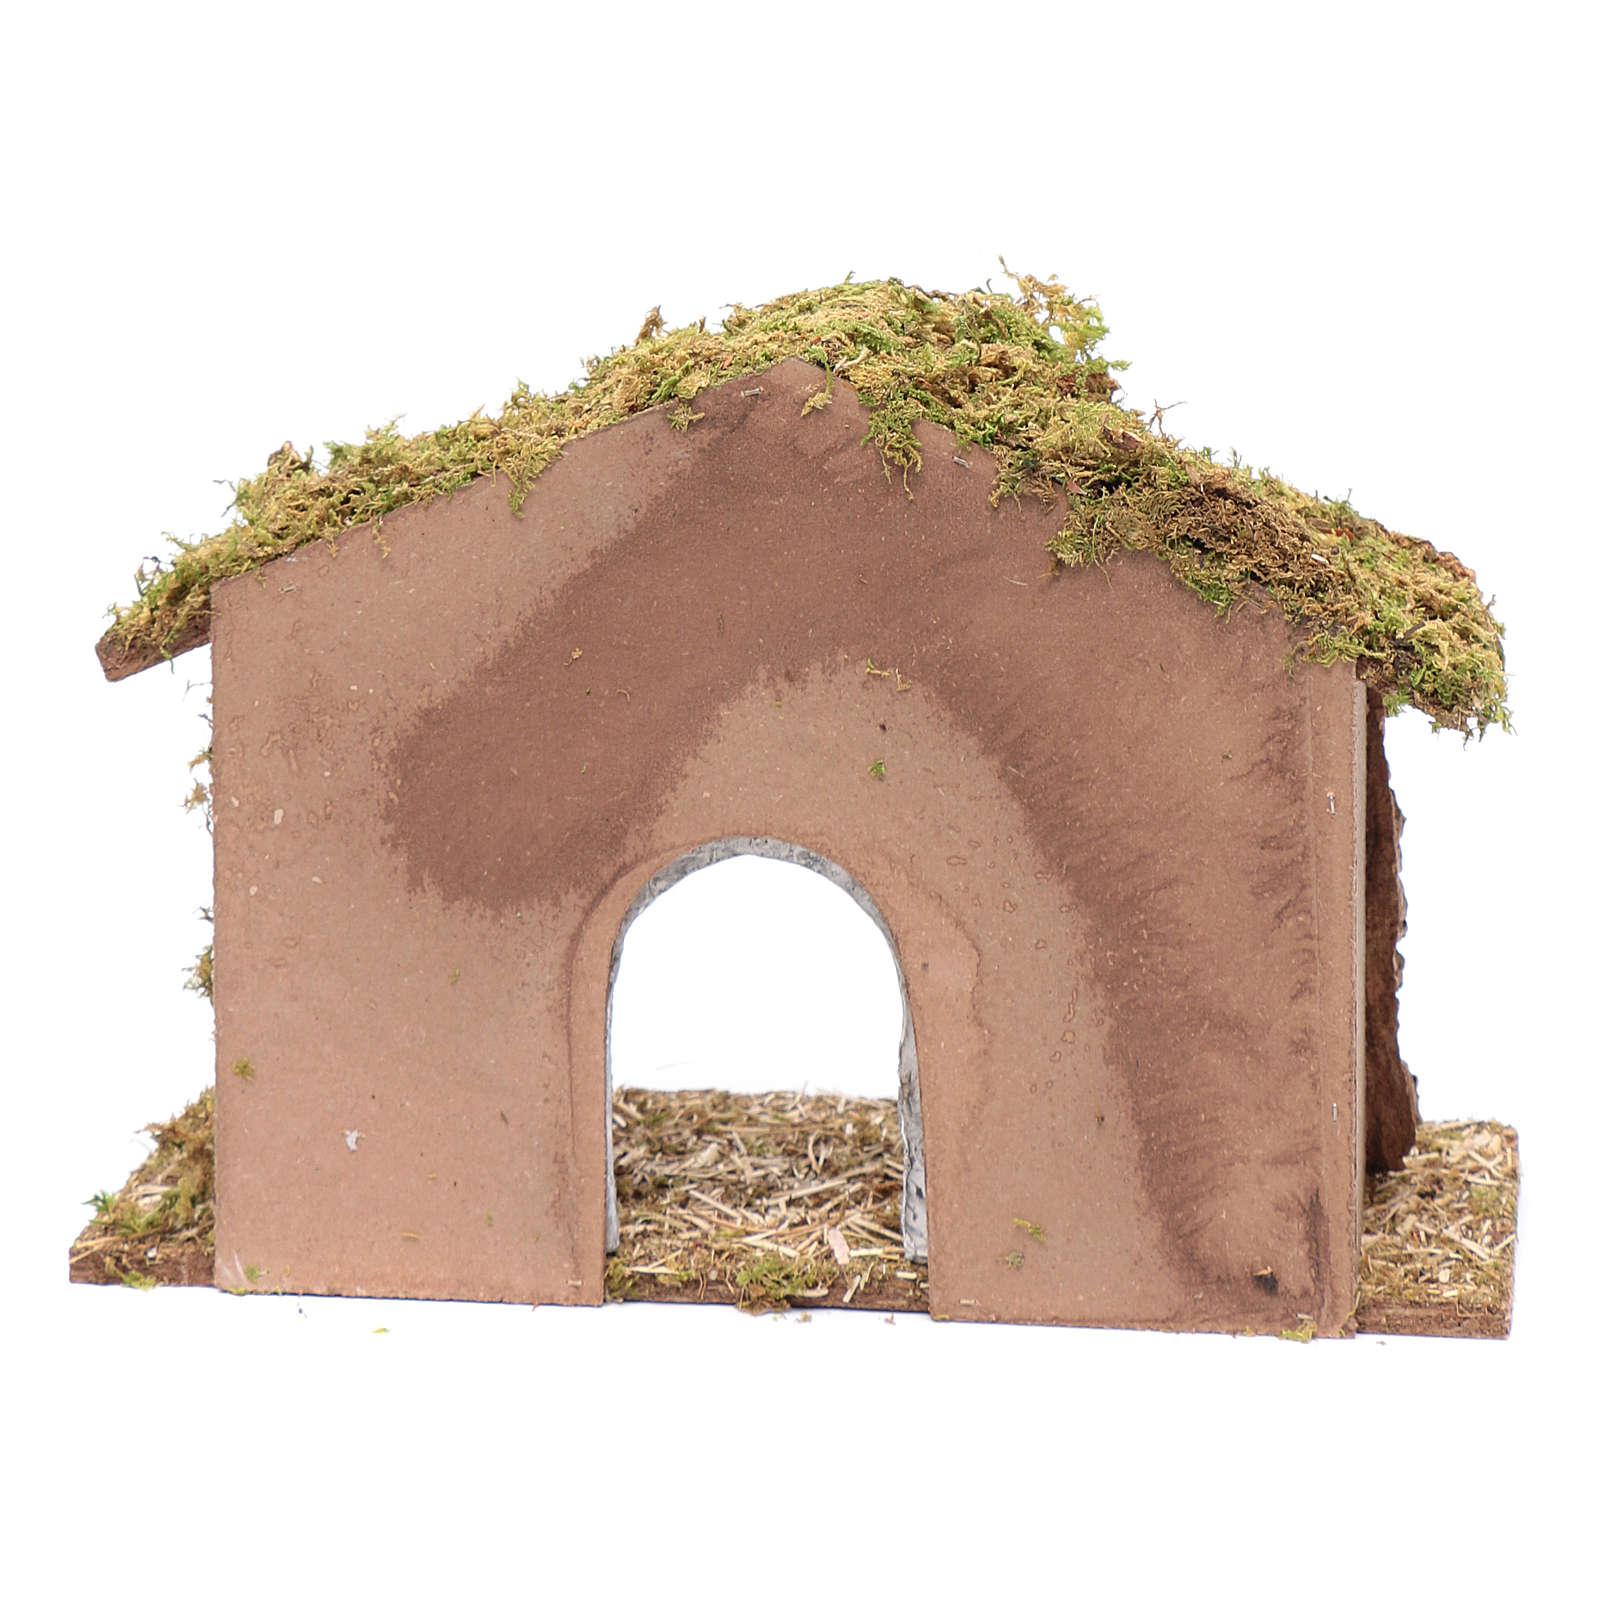 Cabana com arco de gesso 25x35x15 cm 4